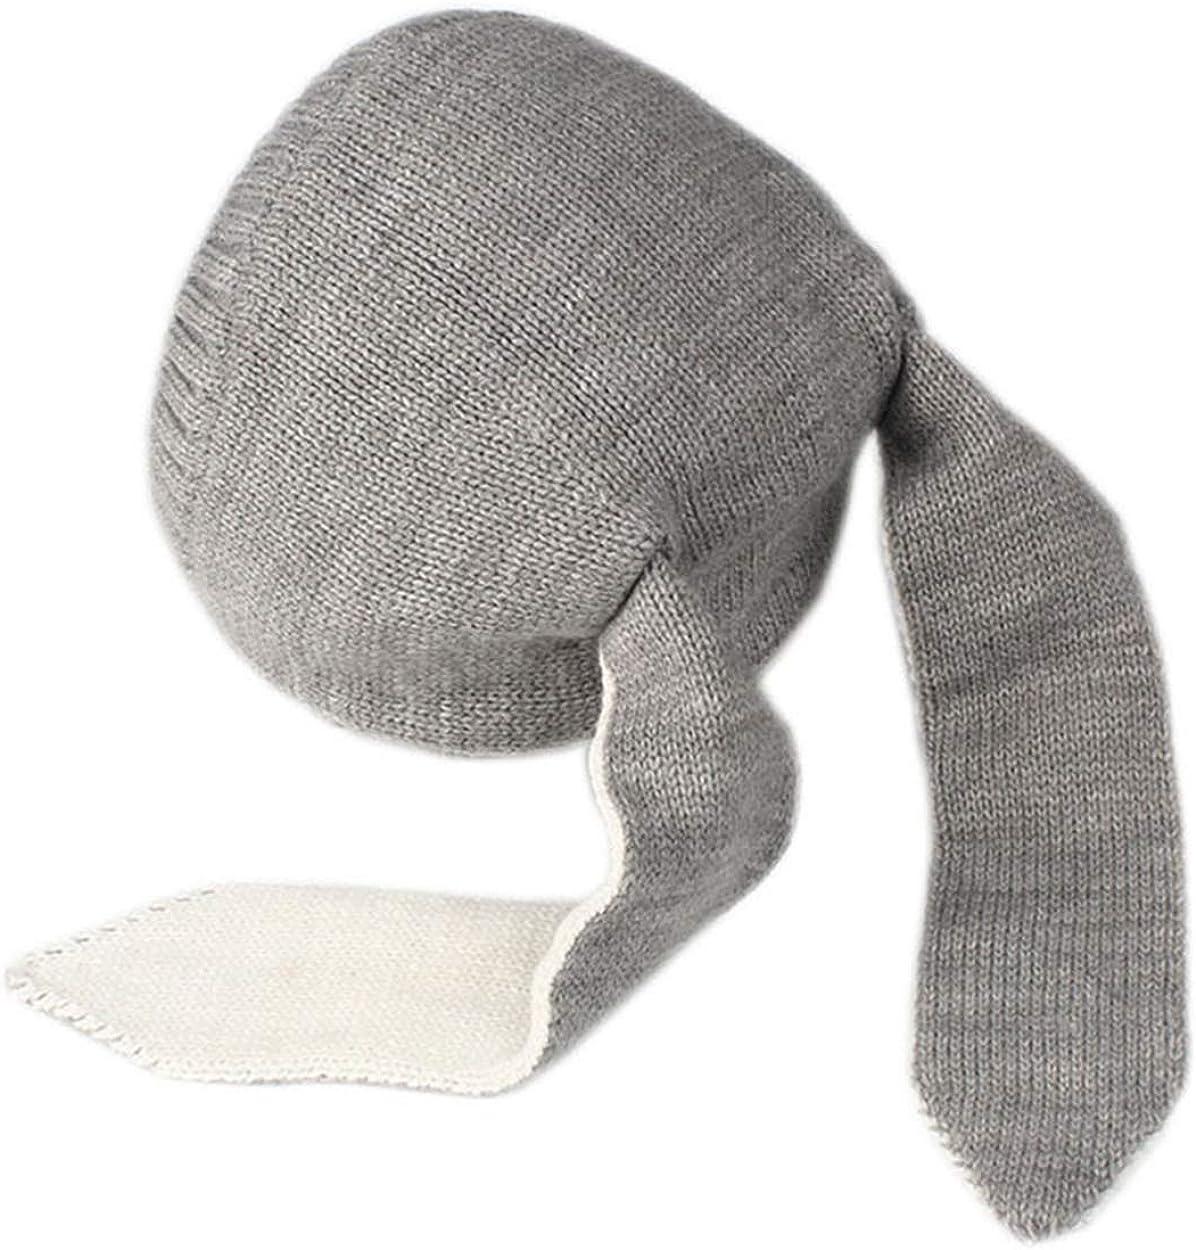 Sombreros Unisex para Beb/és Orejas de Conejo Gris iwobi Sombrero Tejido de Punto de Beb/é Sombrero Liso de Invierno para 0-24 Meses Ni/ña Ni/ño